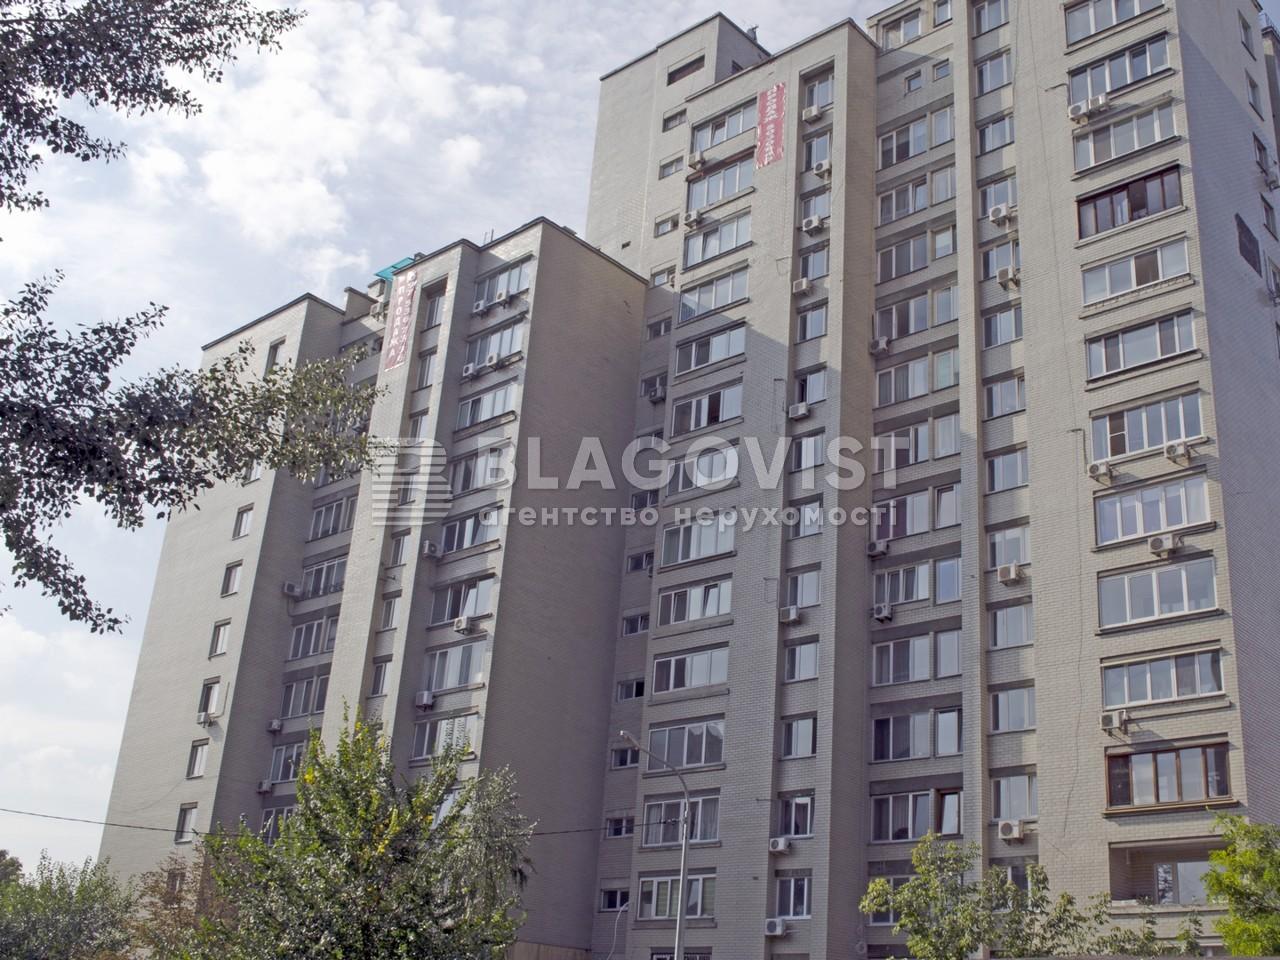 Квартира F-5247, Малевича Казимира (Боженко), 83, Киев - Фото 1